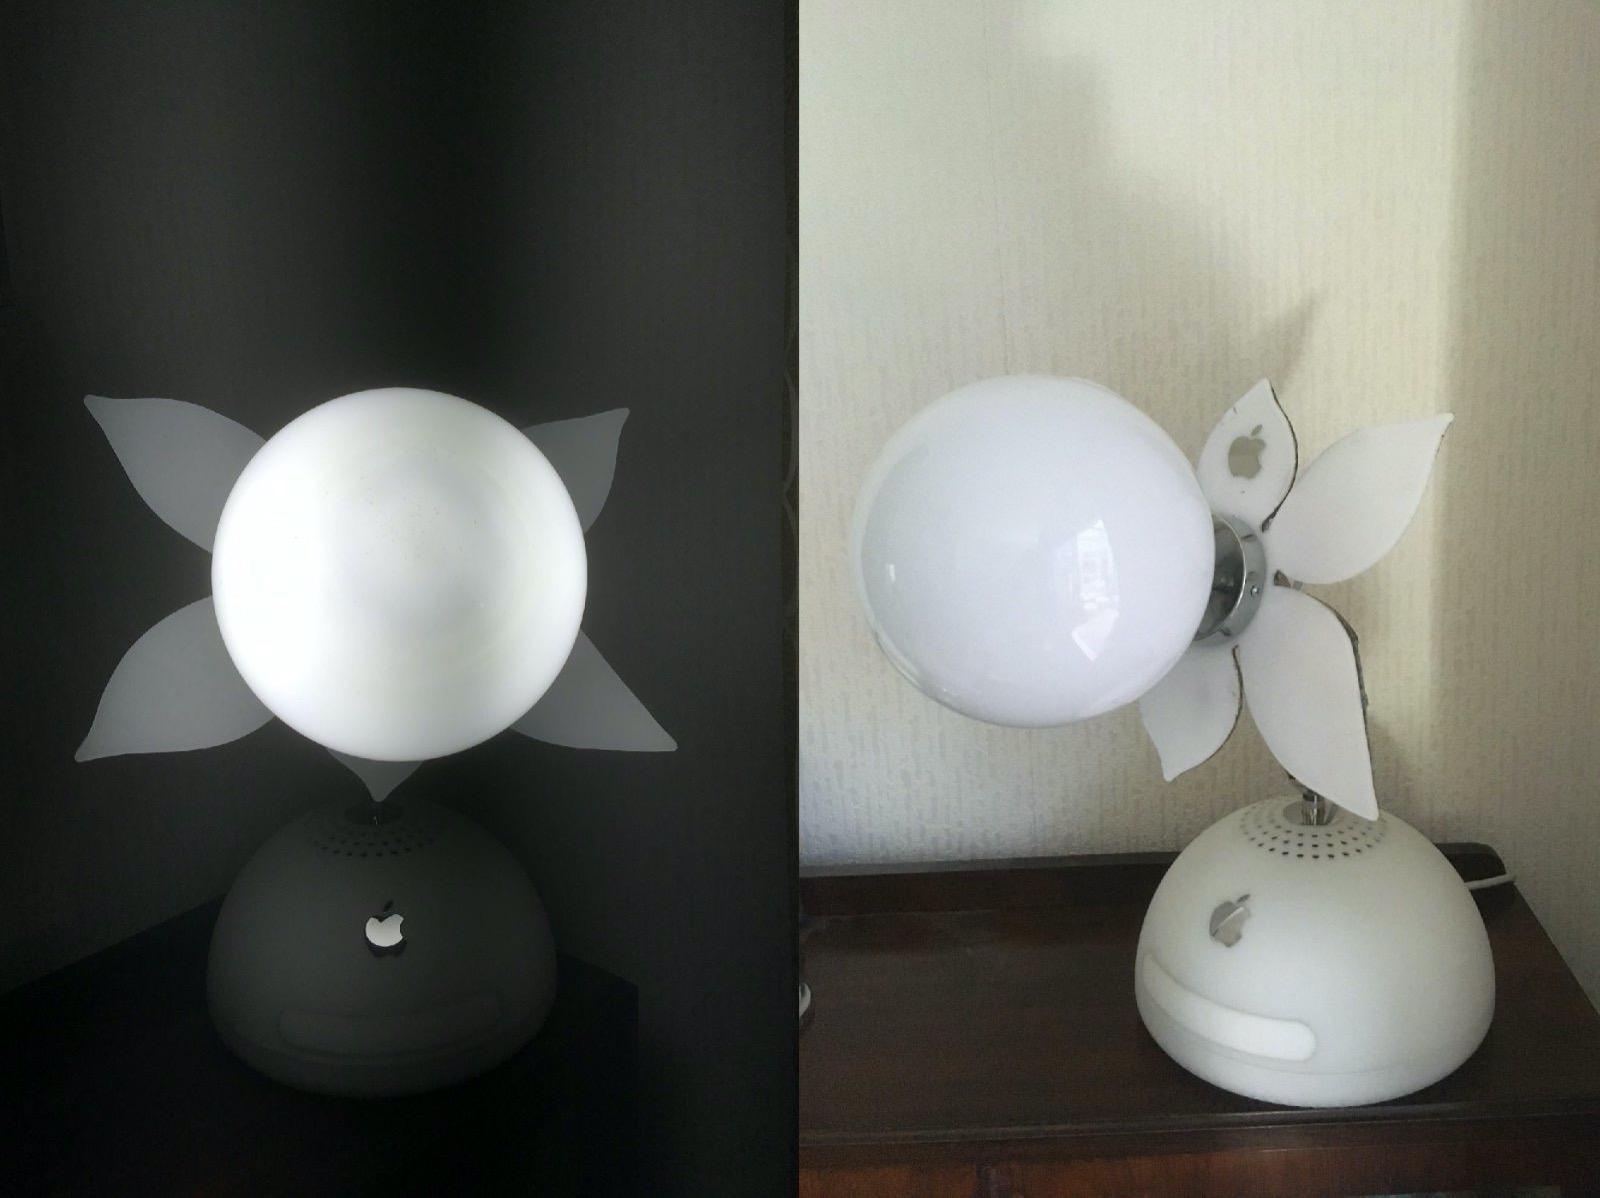 IMac G4 Lamp DIY